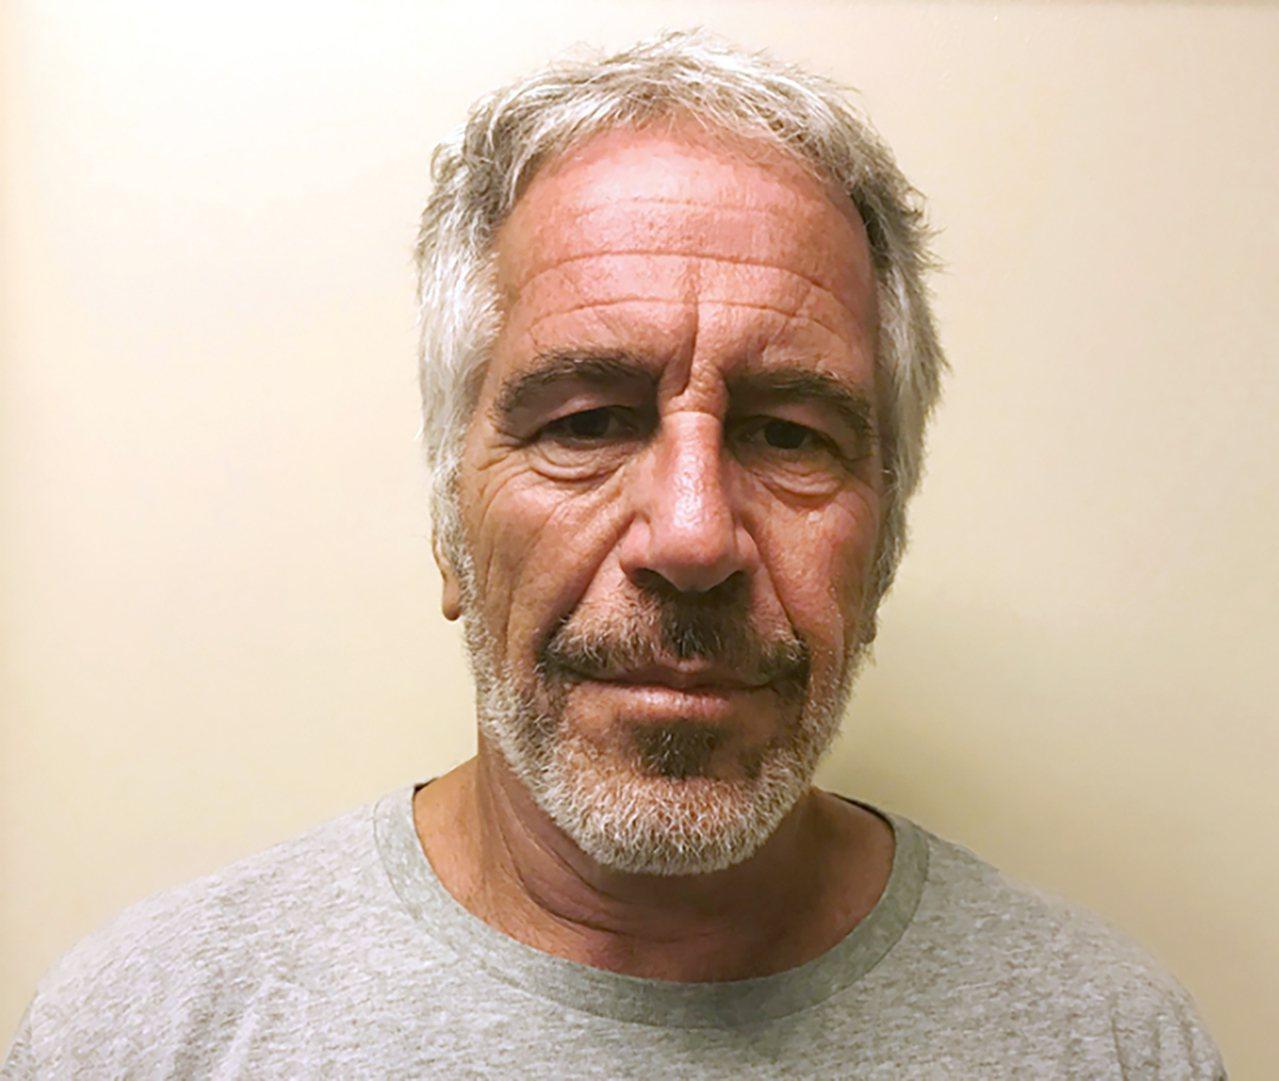 少女淫魔艾普斯坦在監牢裡自殺身亡後,紐約聯邦檢察官把焦點轉移到任何協助他或讓他得...